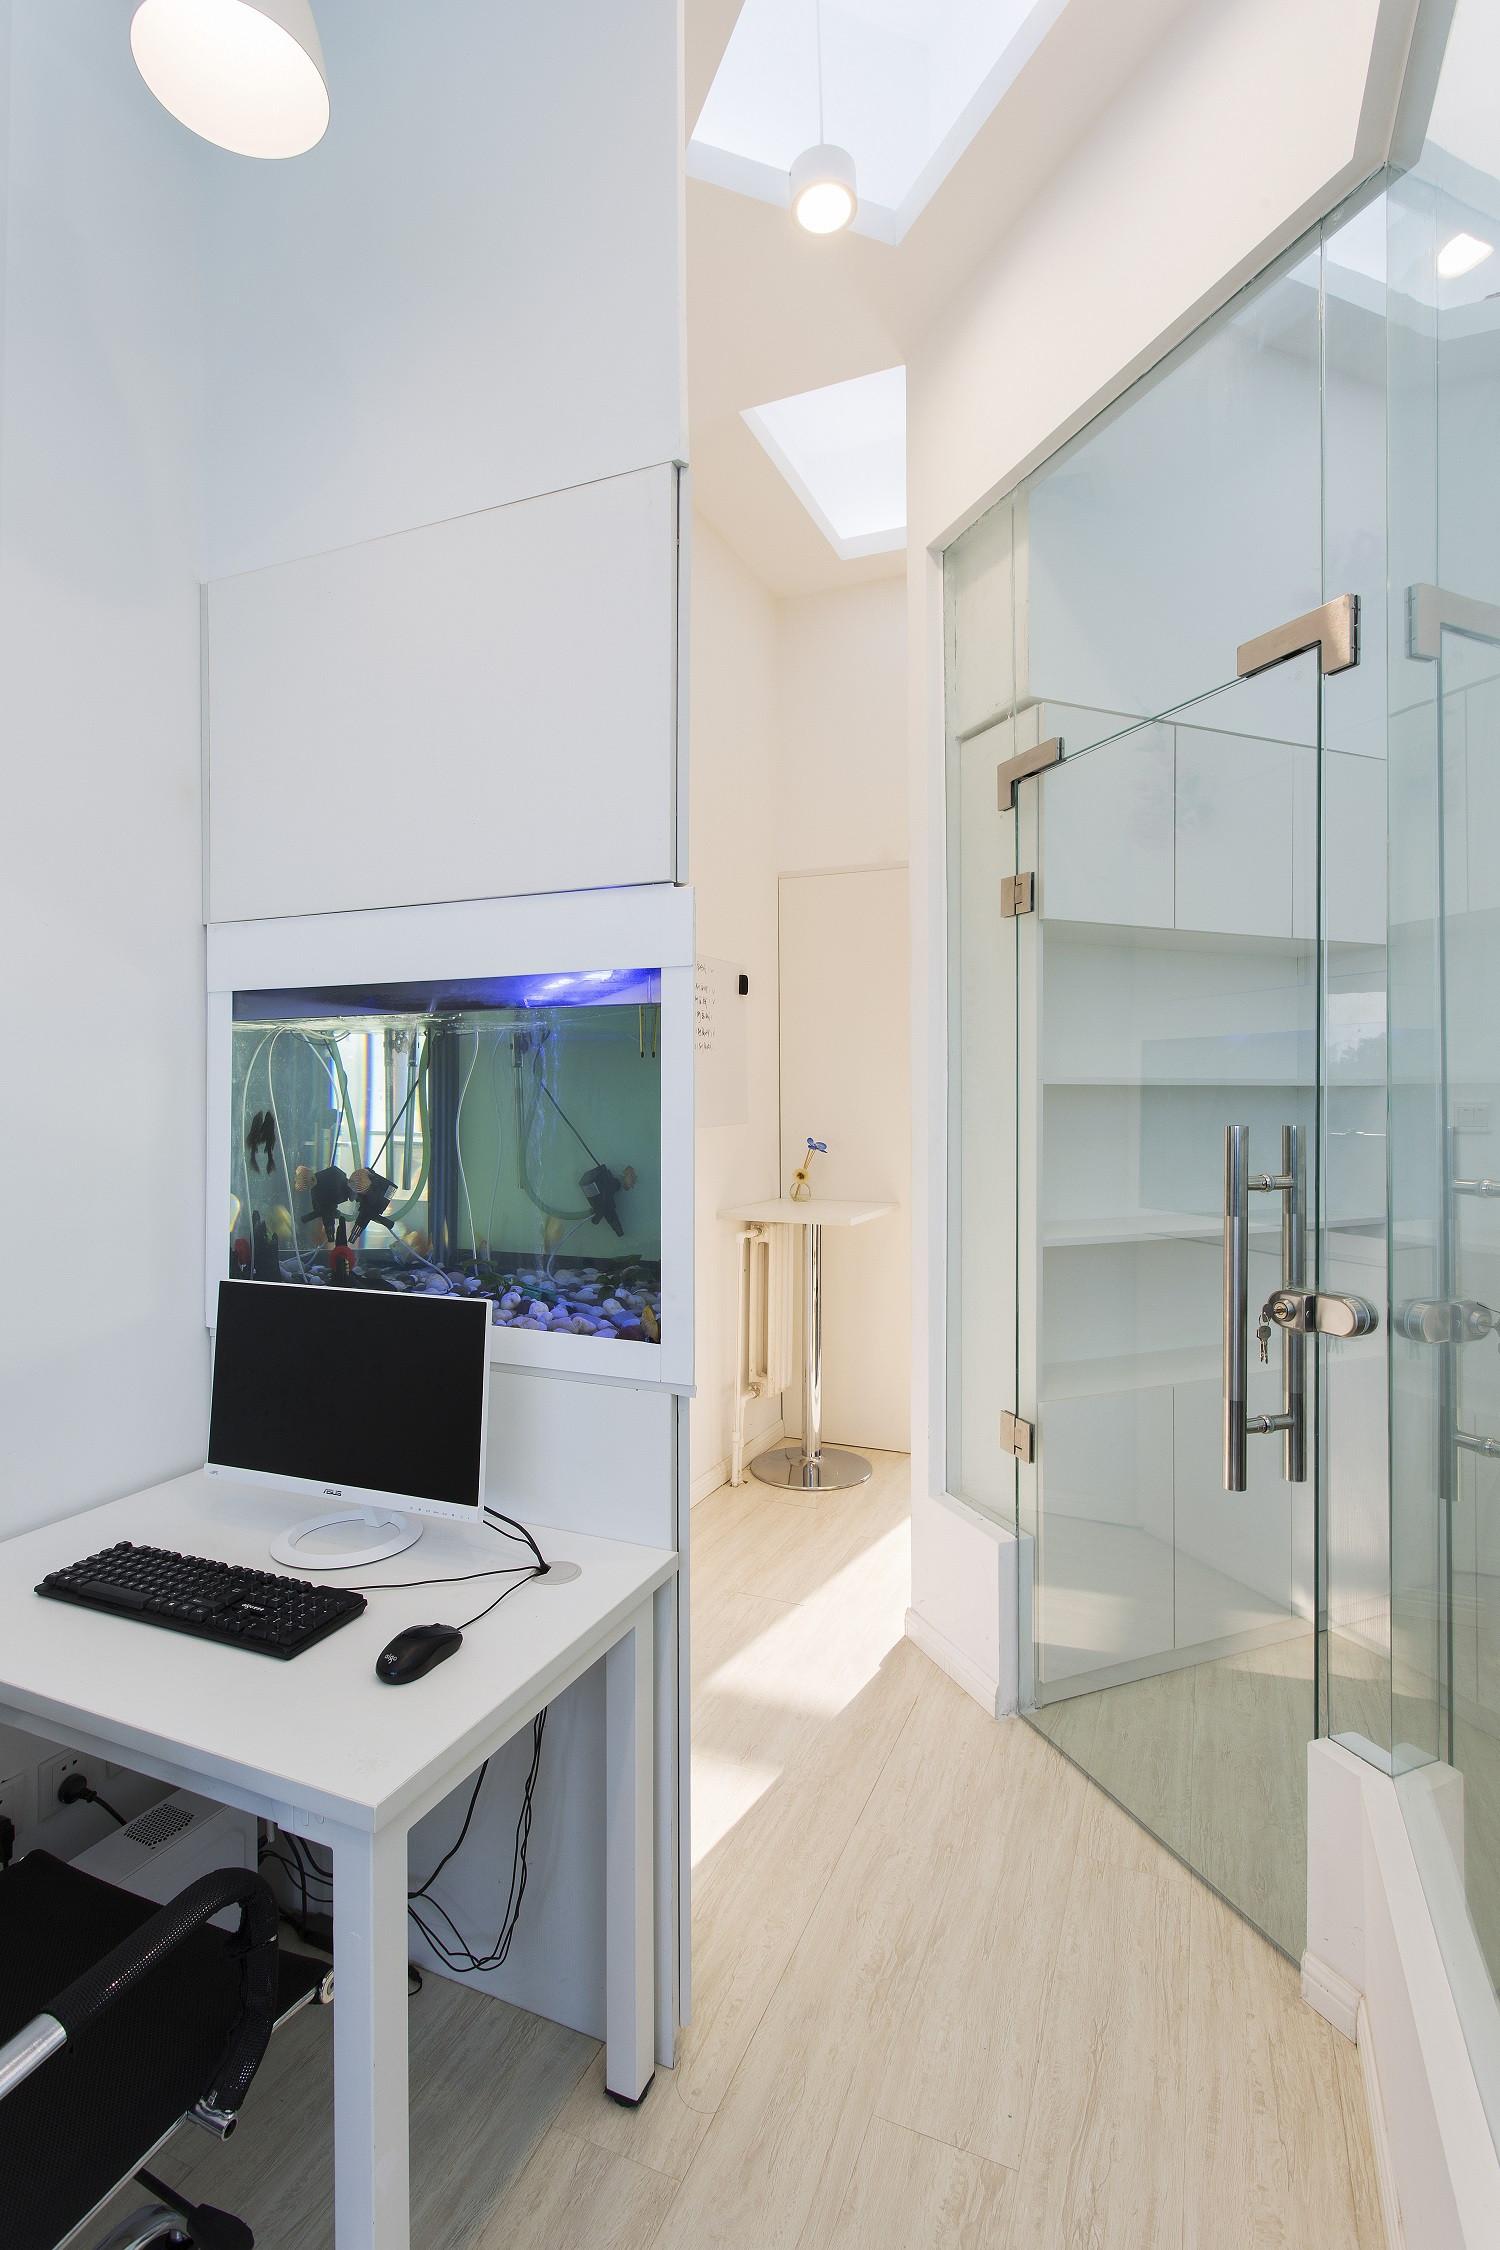 简约优雅办公室装修鱼缸图片